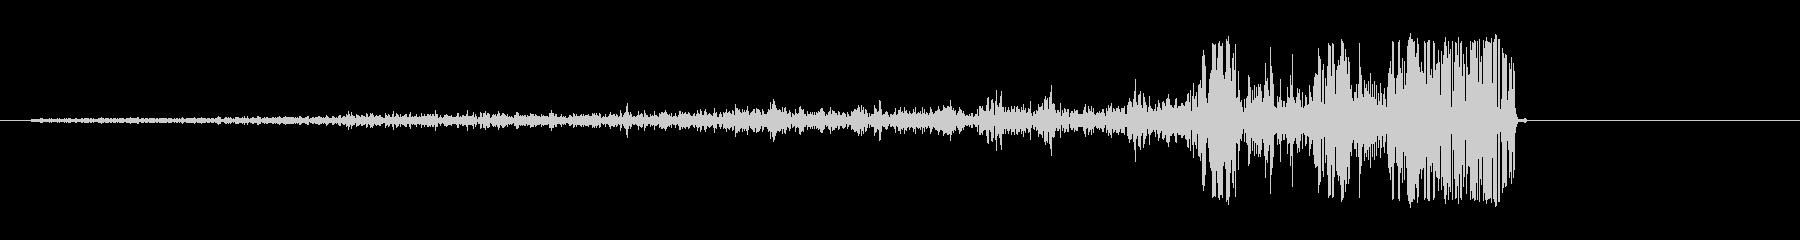 ジュポッ(スピード感のある吸引音)の未再生の波形